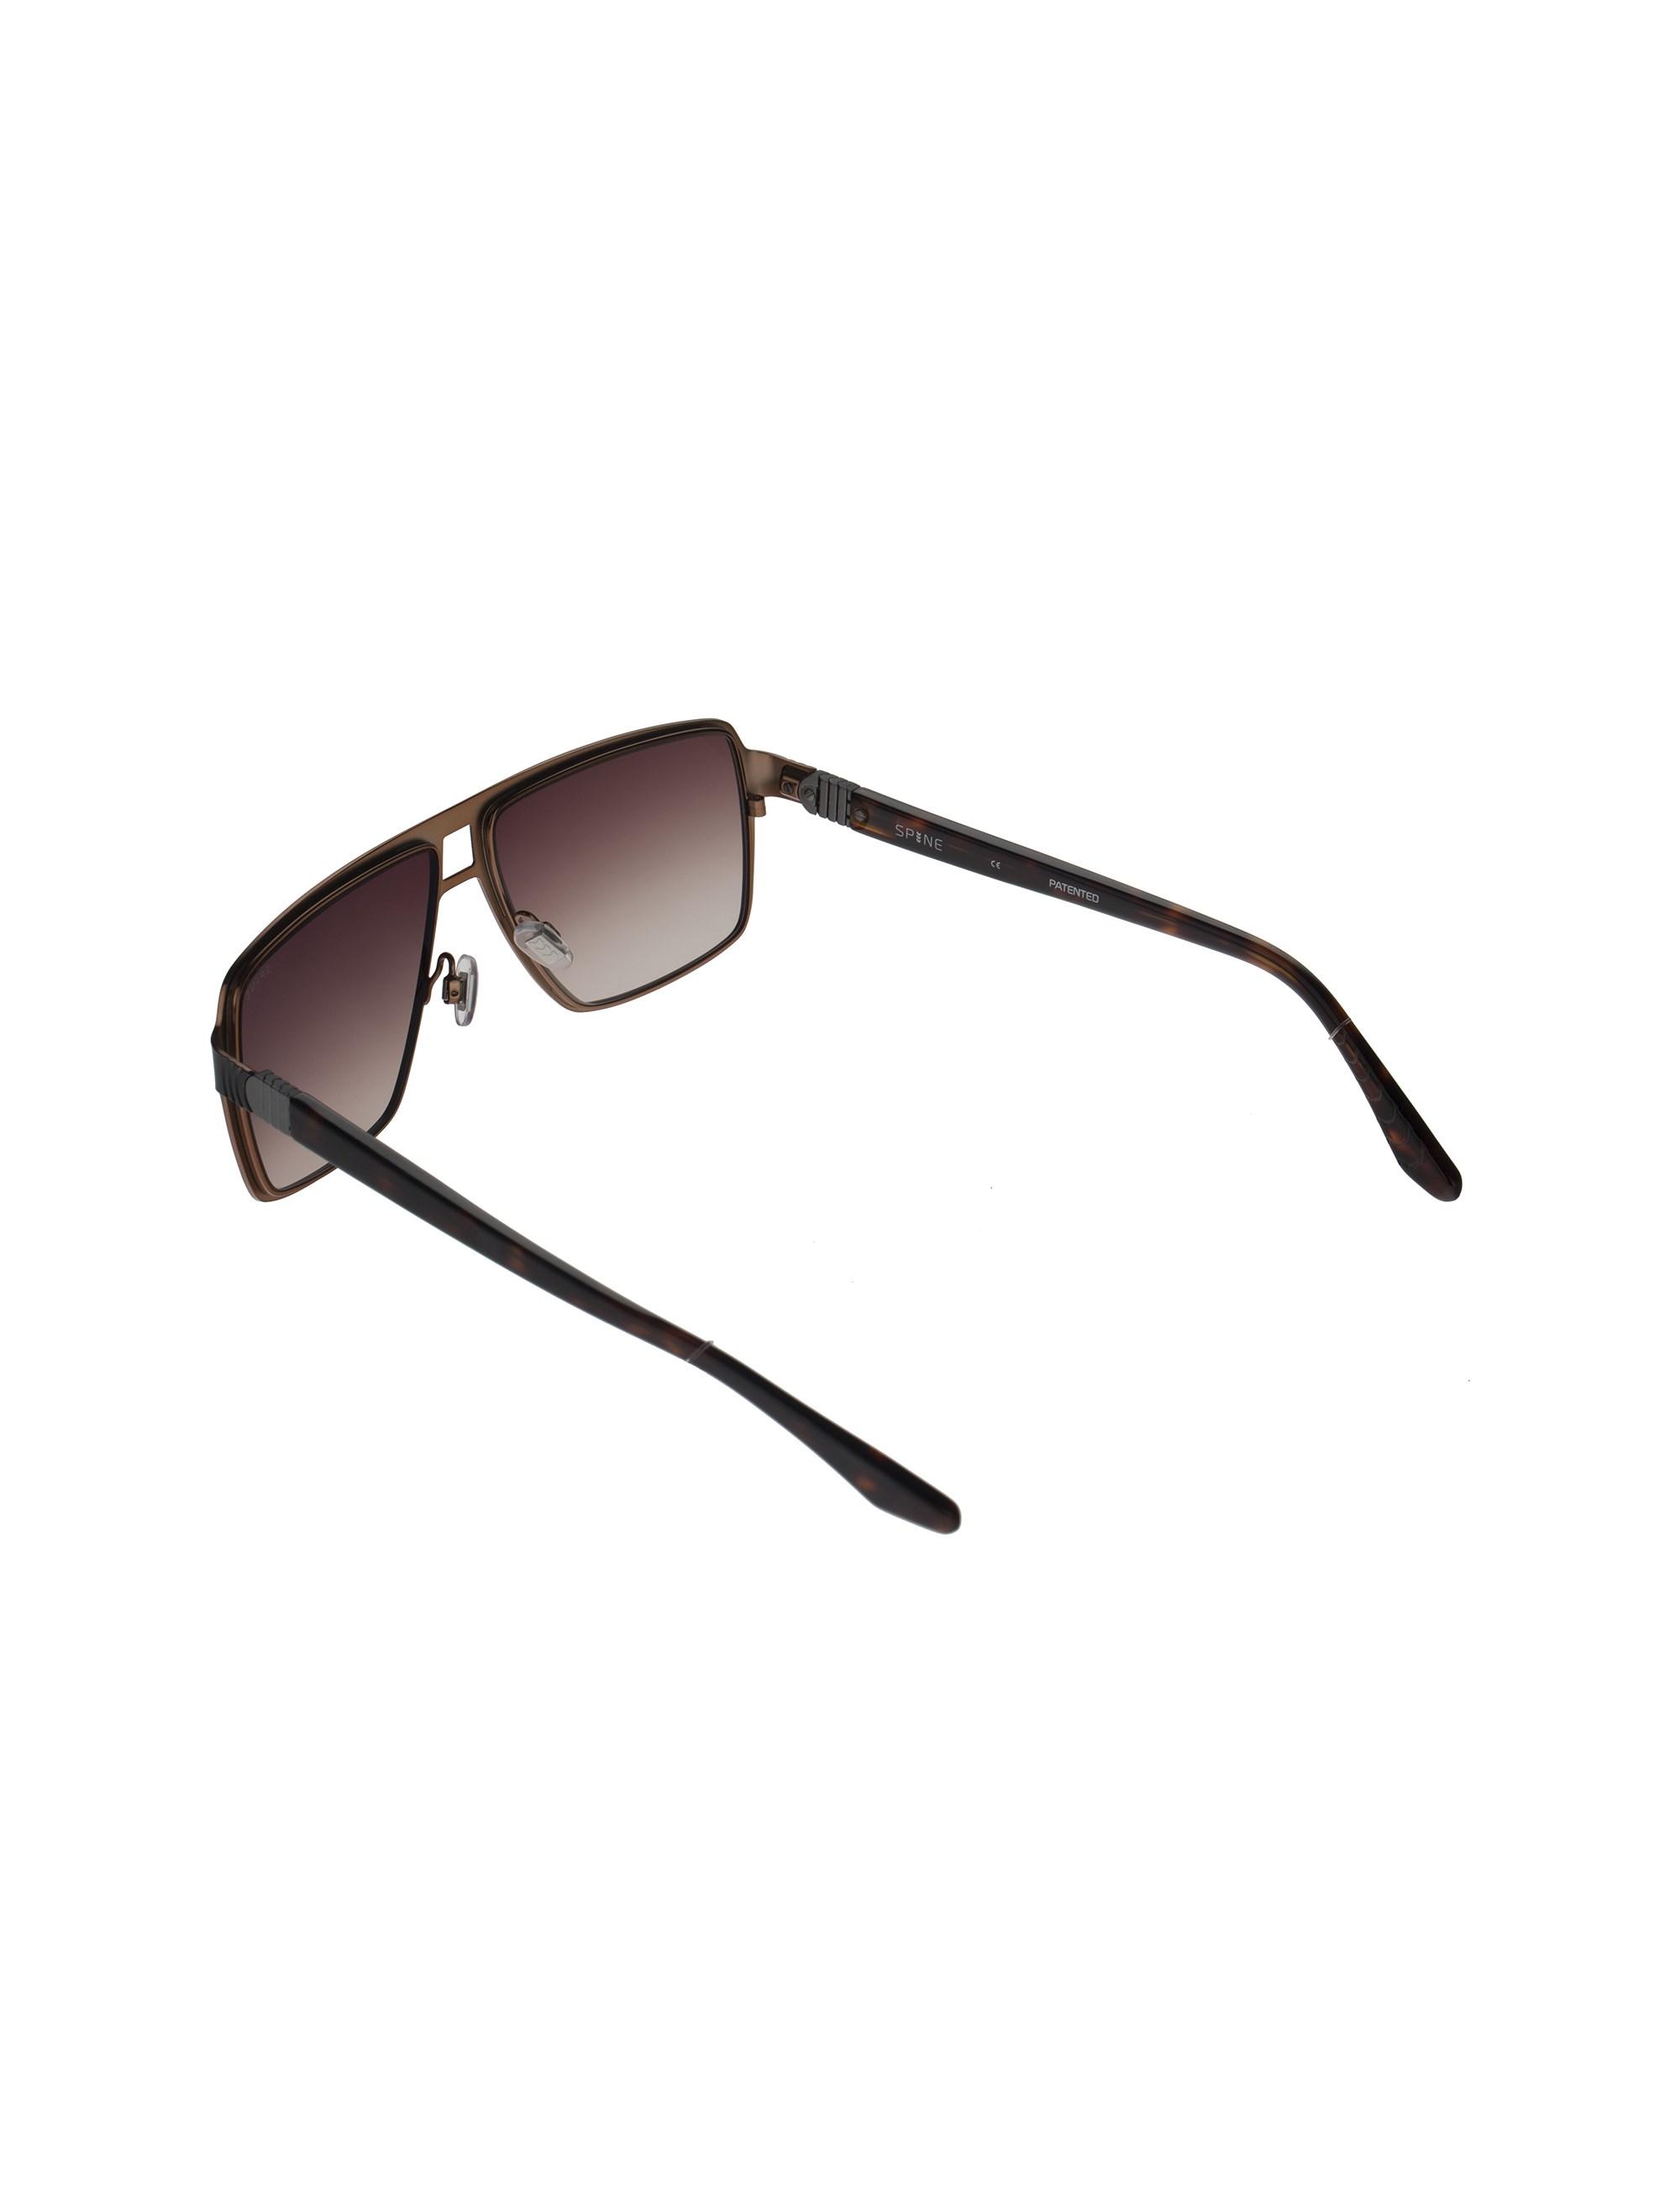 عینک آفتابی خلبانی مردانه - اسپاین - مشکي - 4